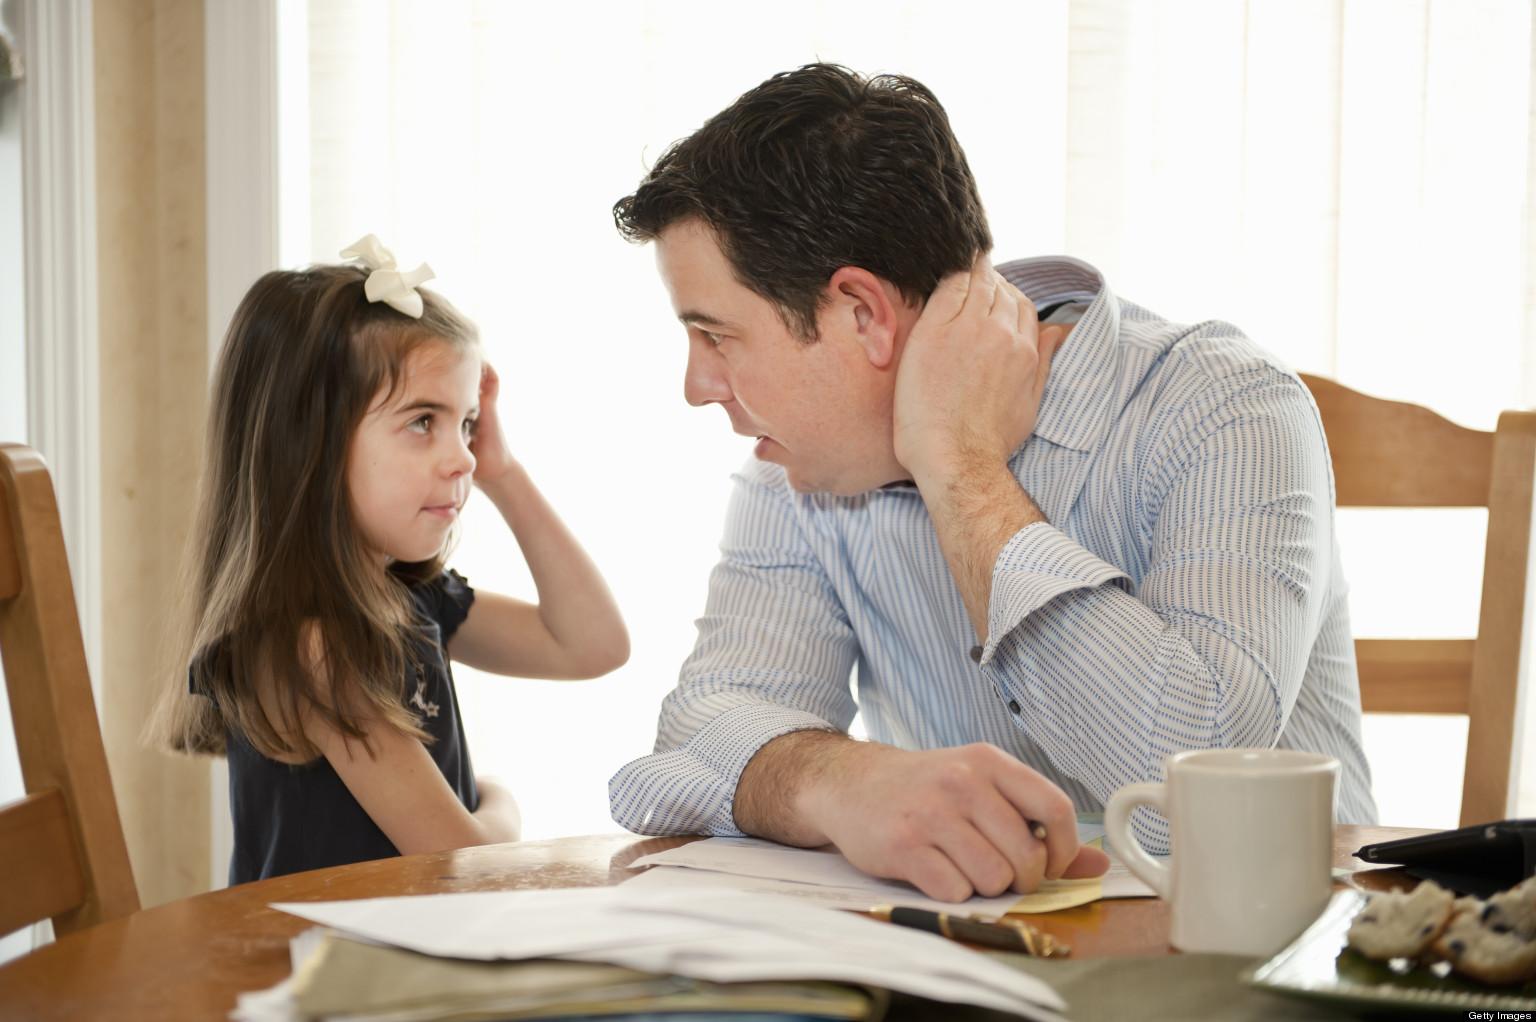 giáo dục con cái, quy tắc giáo dục con của người Đức